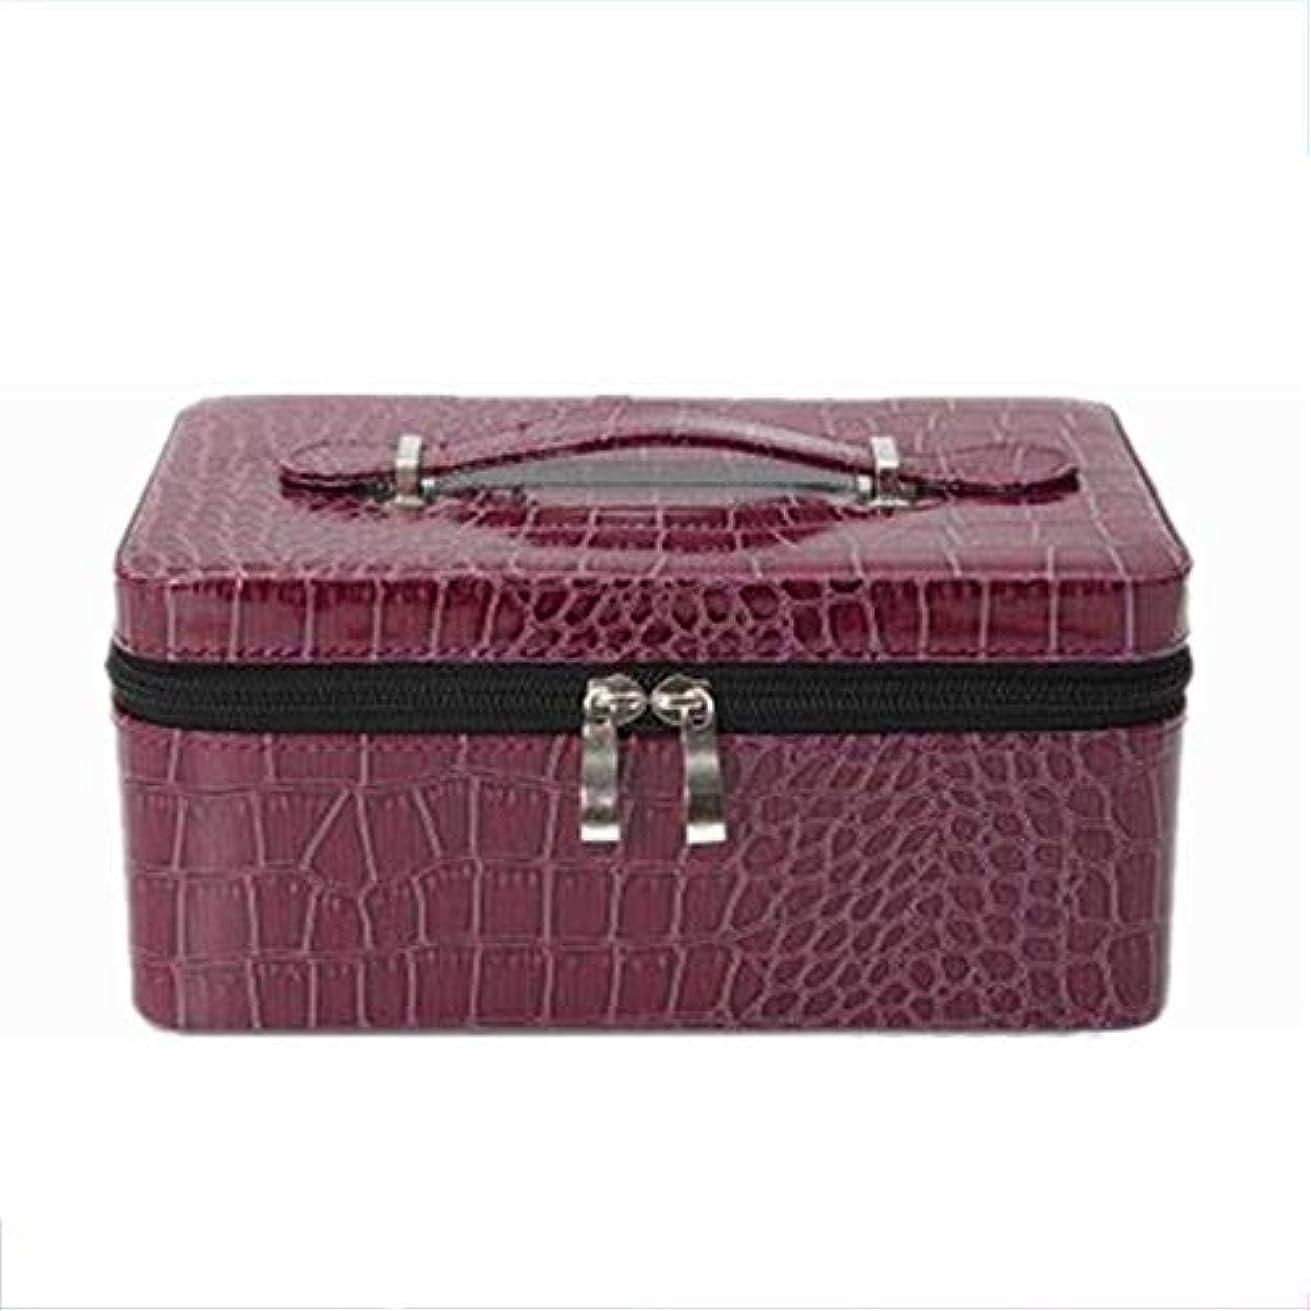 超える従順な曲げるアロマセラピー収納ボックス 旅行主催2-15用PU石油貯蔵スーツケースは完璧な旅行の荷物をまとめmlの エッセンシャルオイル収納ボックス (色 : 紫の, サイズ : 22.5X14.8X10.3CM)